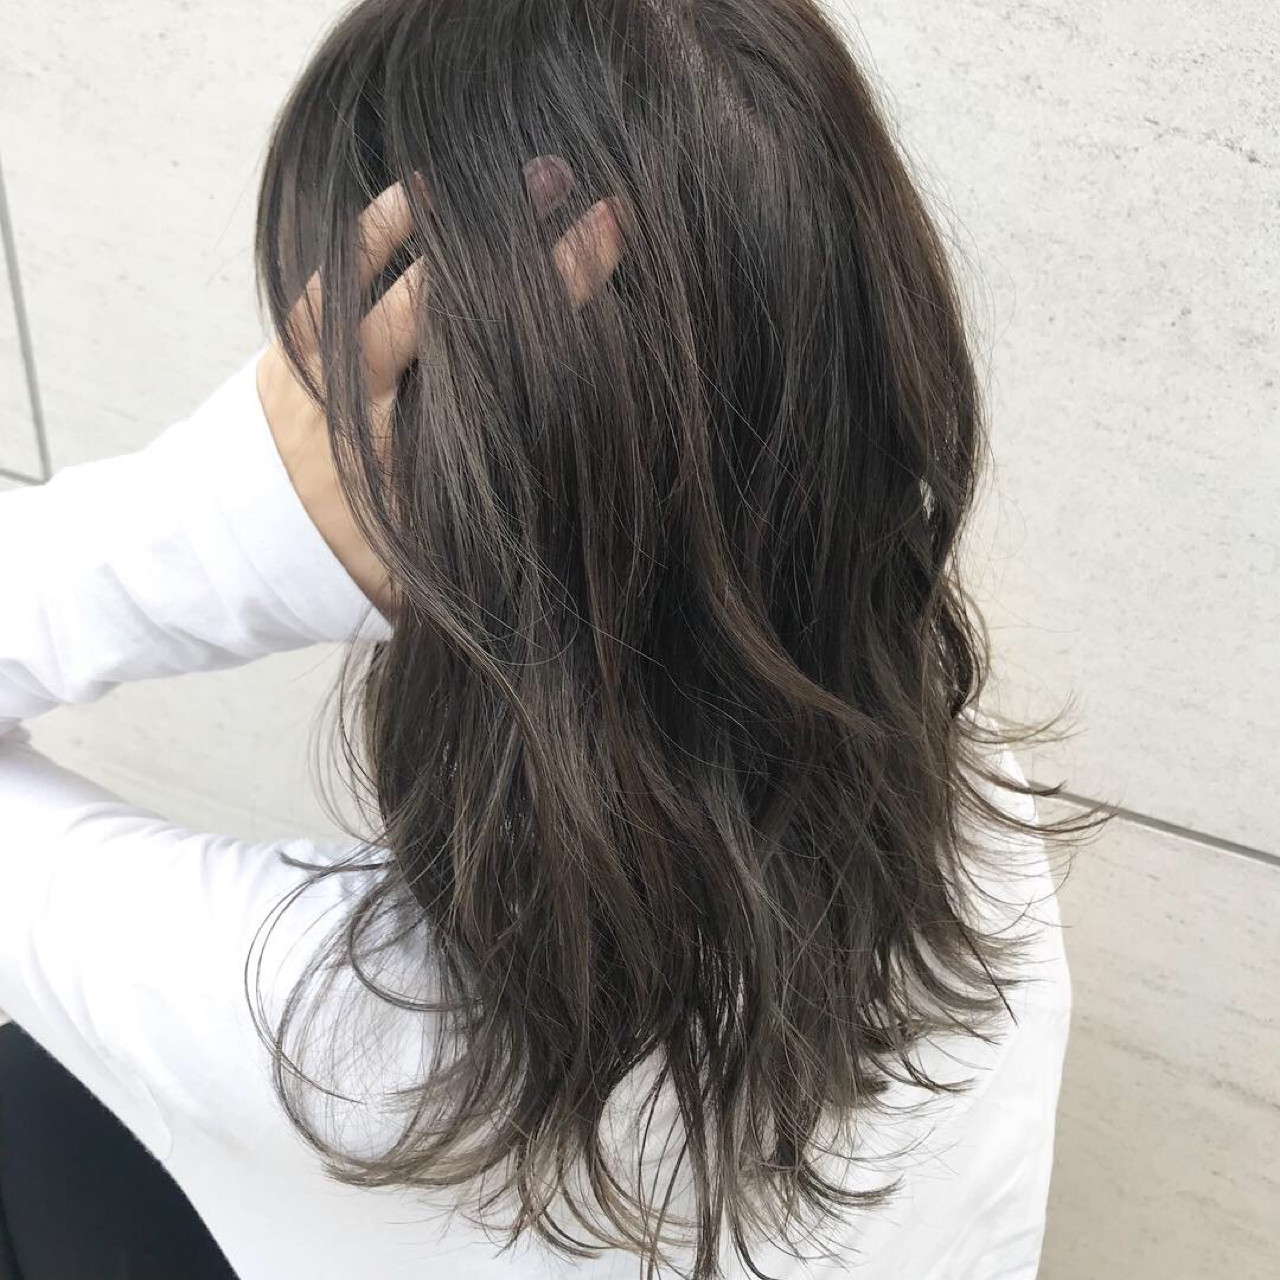 アンニュイ ナチュラル ウェーブ ハイライト ヘアスタイルや髪型の写真・画像